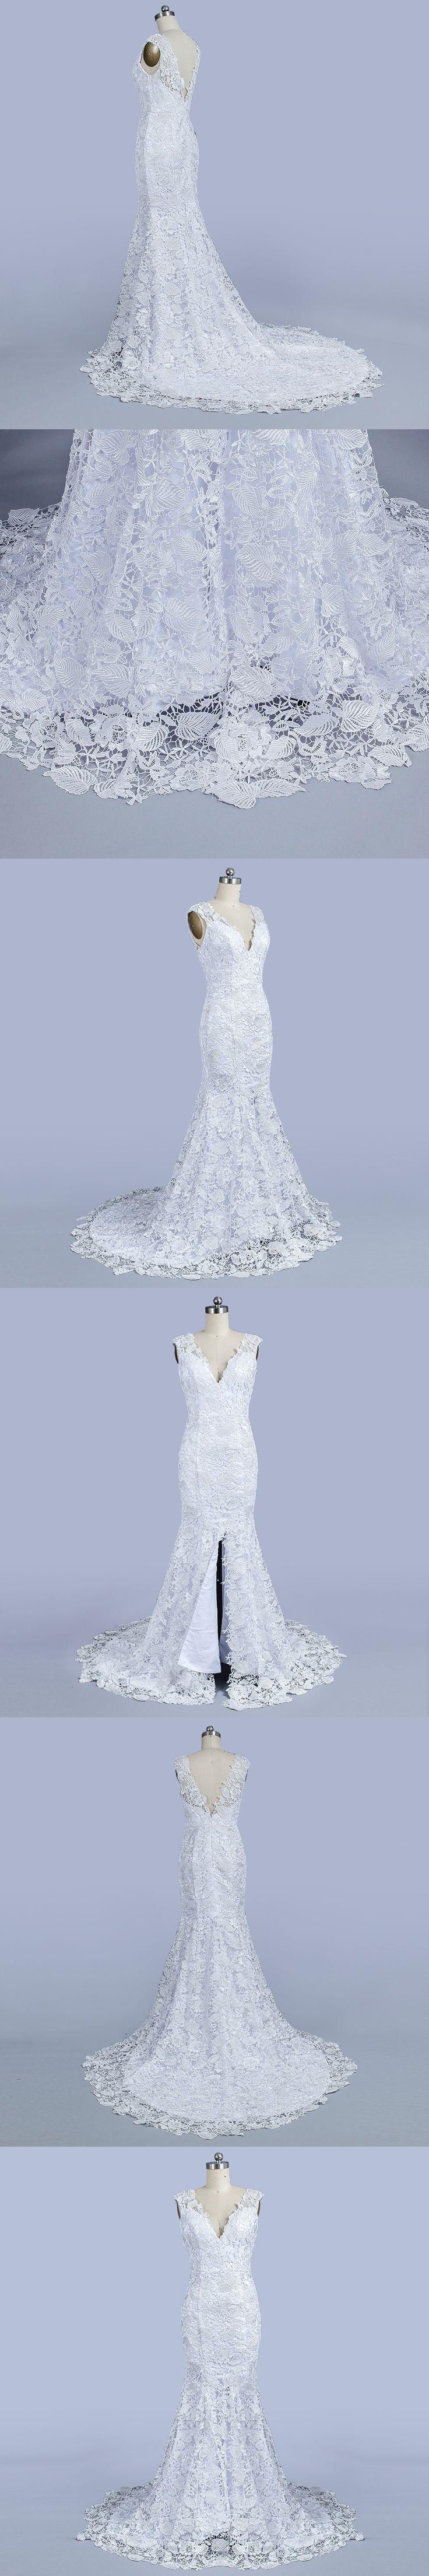 Charmant Brautkleider Pensacola Fl Fotos - Hochzeit Kleid Stile ...